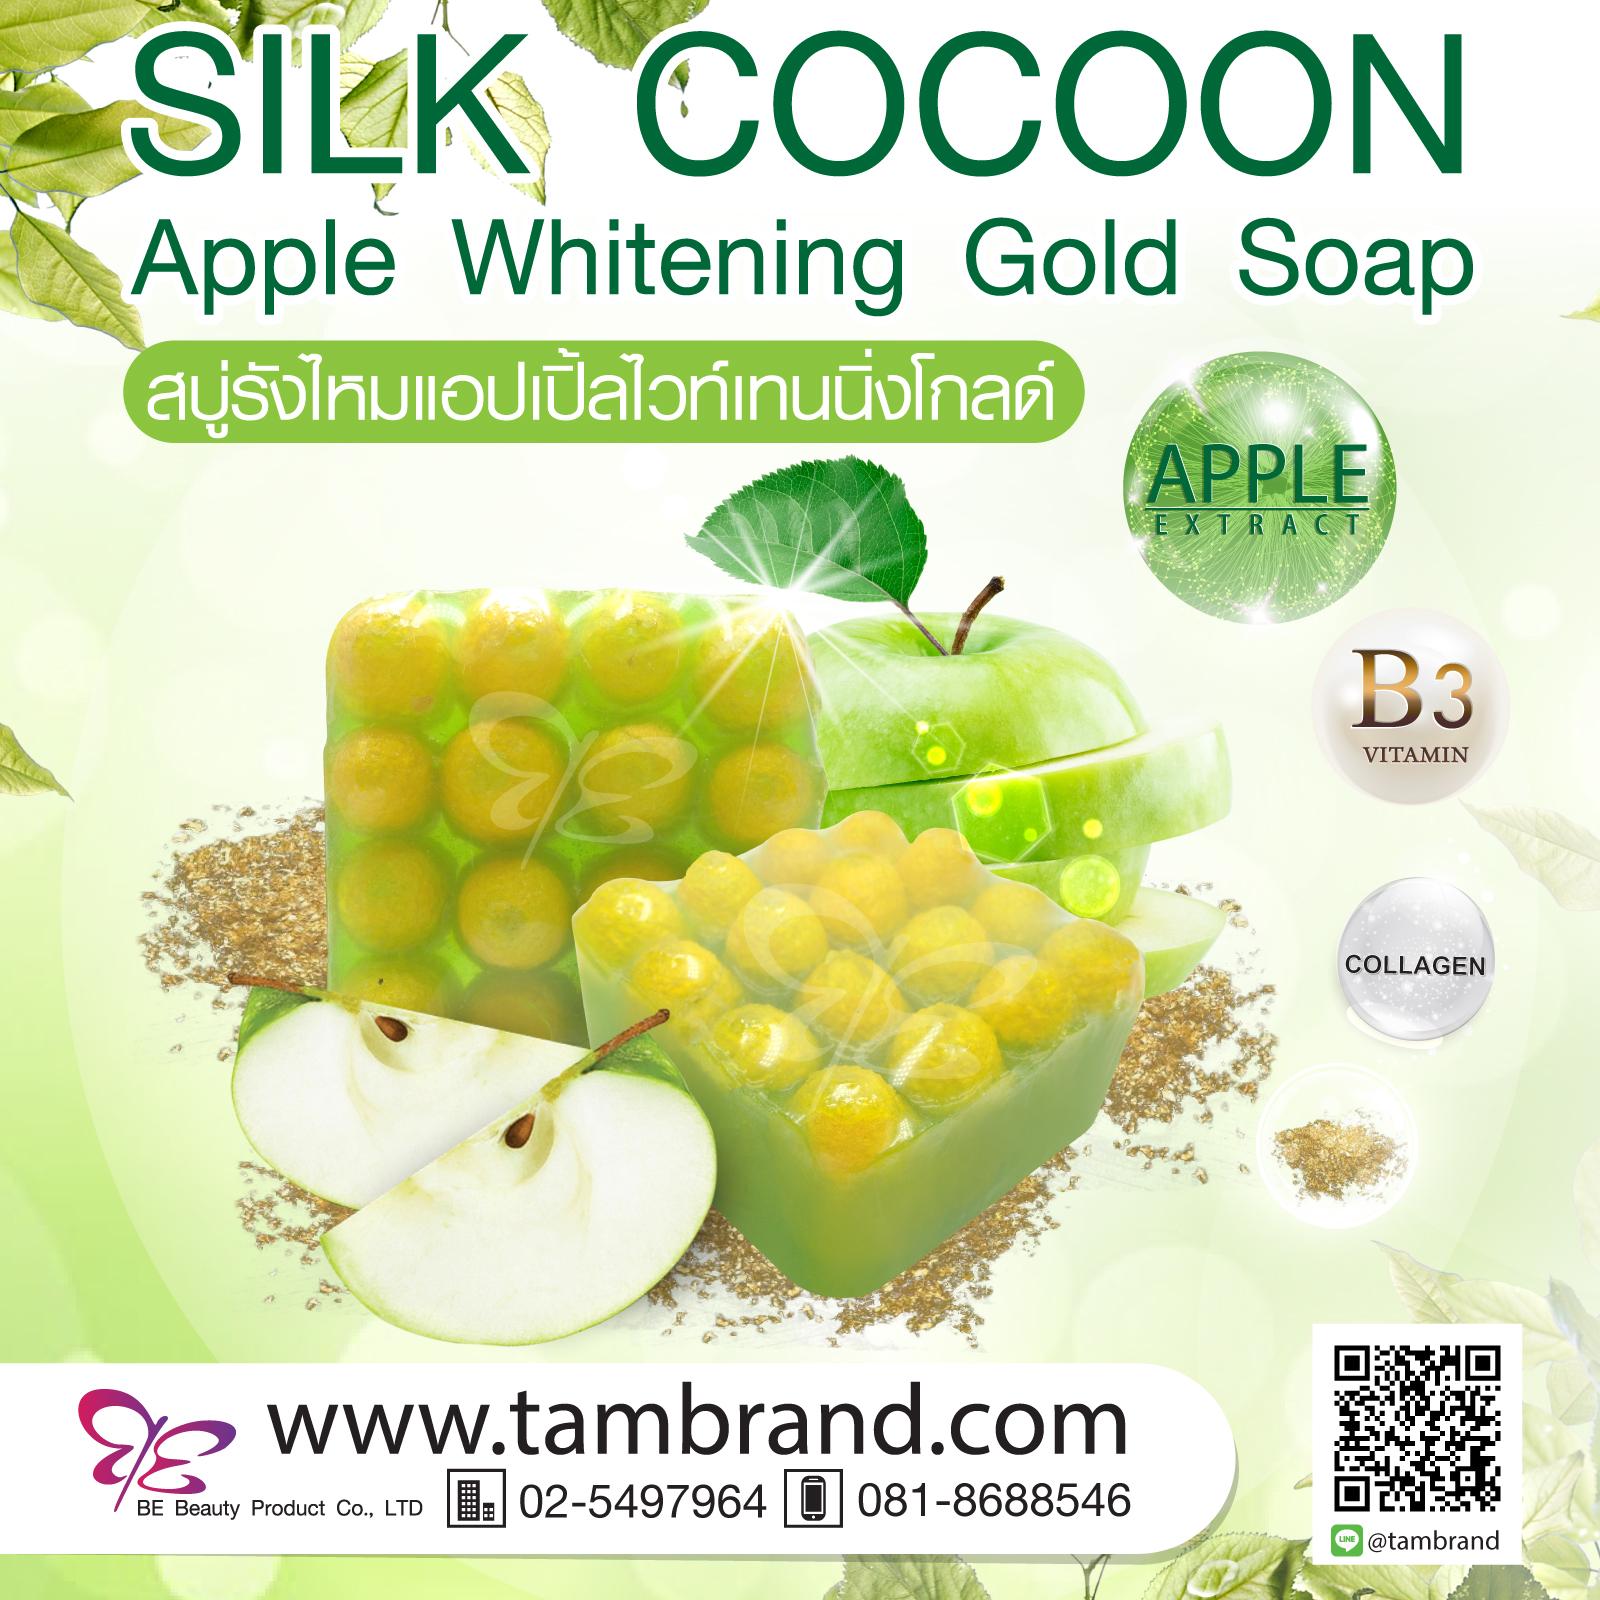 สบู่รังไหมแอปเปิ้ลไวท์เทนนิ่งโกลด์ Silk Cocoon Apple Whitening Gold Soap ขนาด 90 กรัม : ราคาส่ง